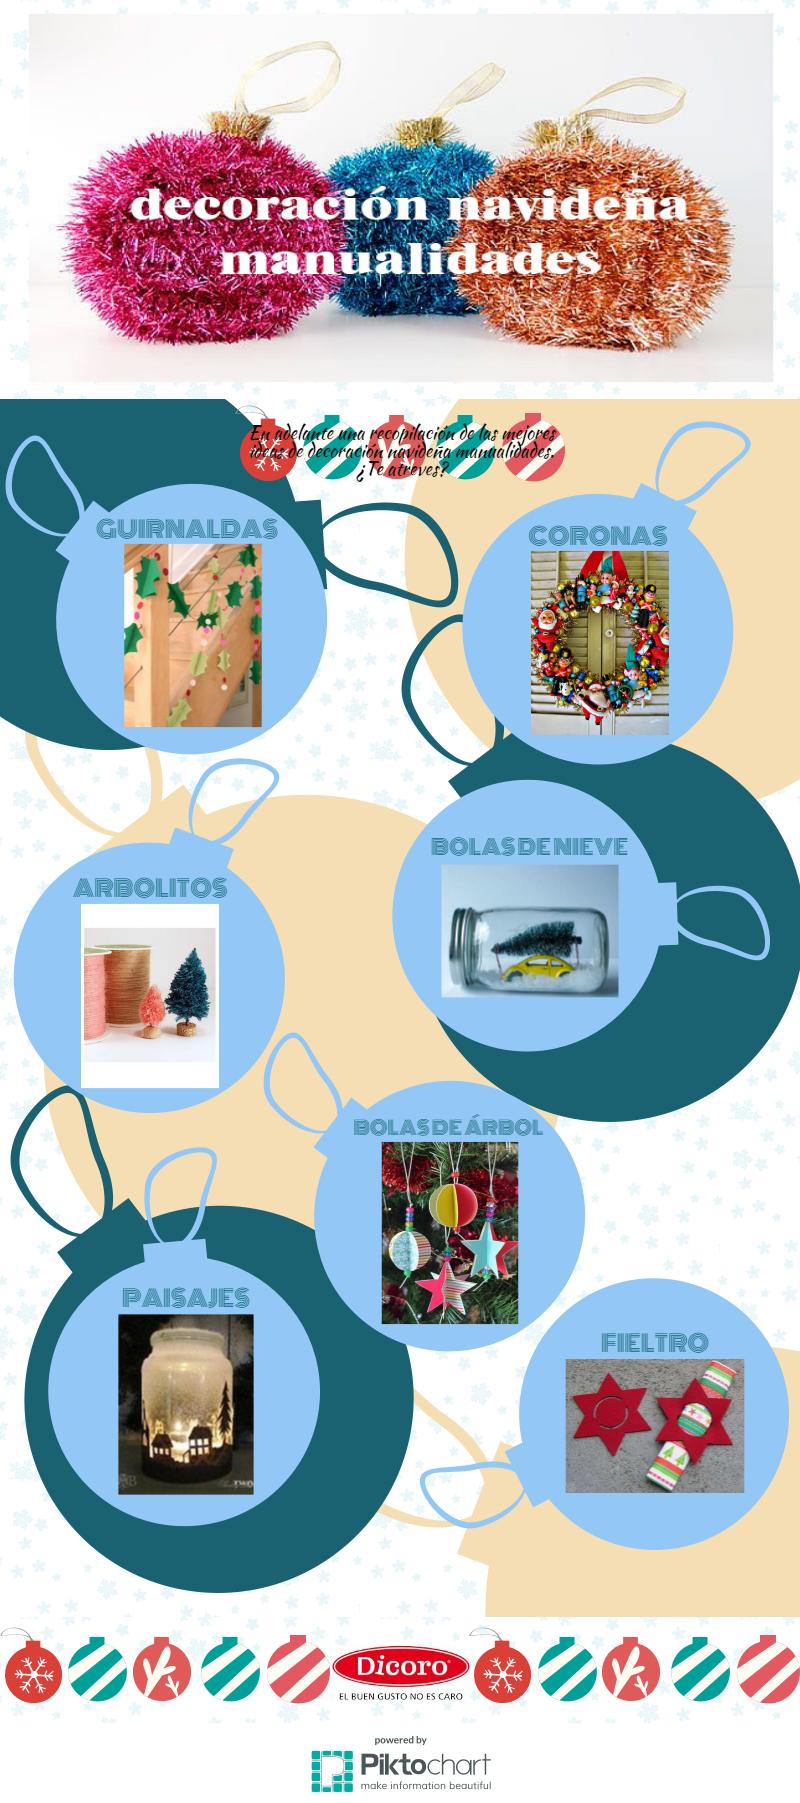 Decoración Navideña Manualidades - Infografia Dicoro